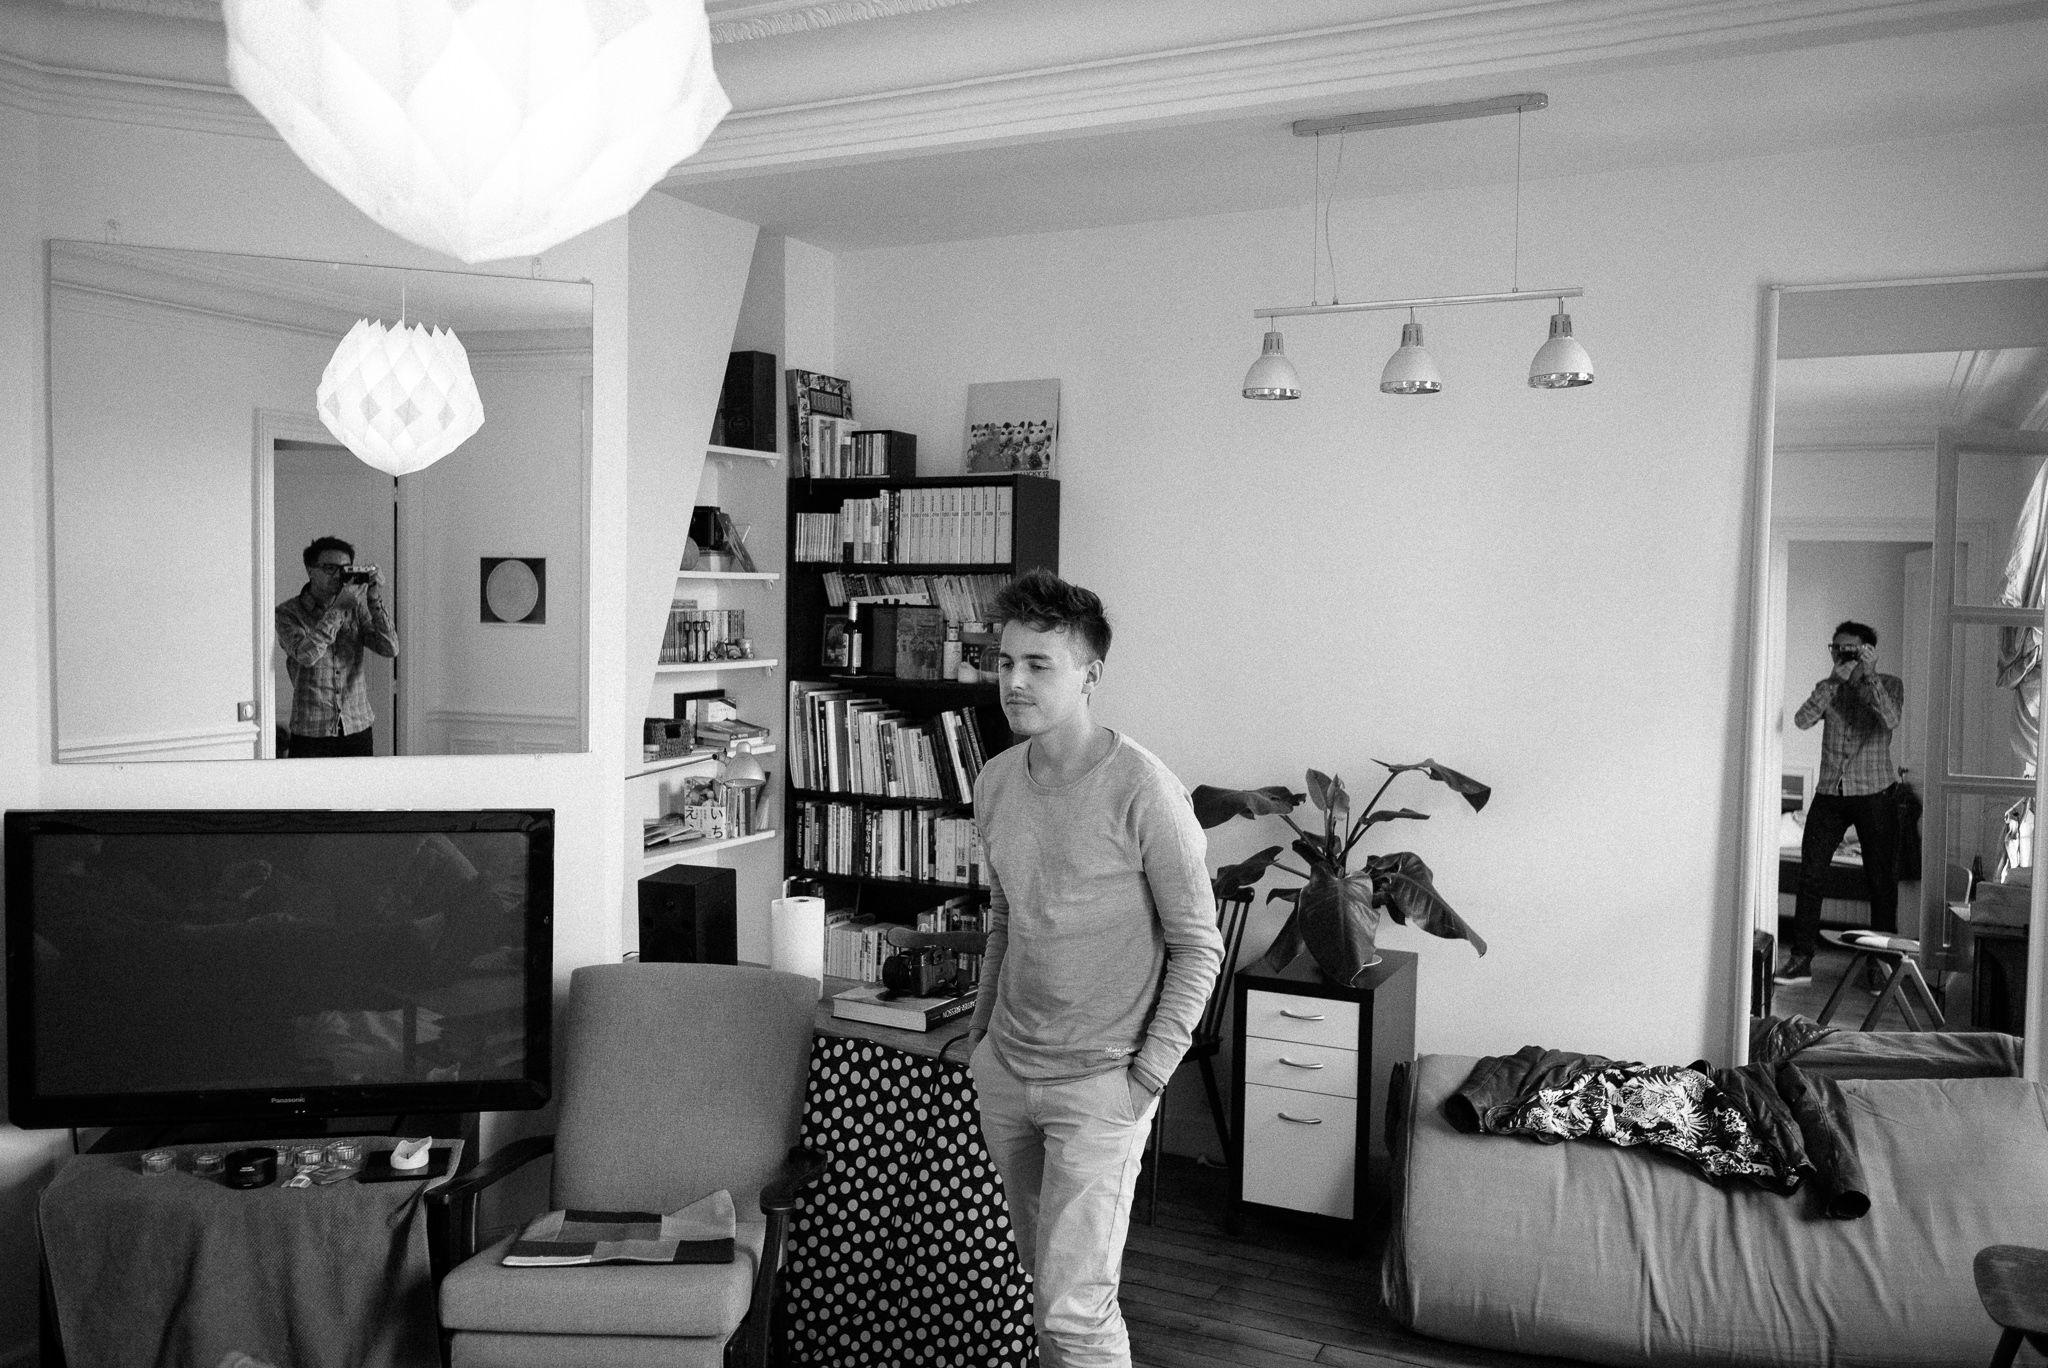 france_paris_appartment_leica_28mm_elmarit_asph_lorenz_r